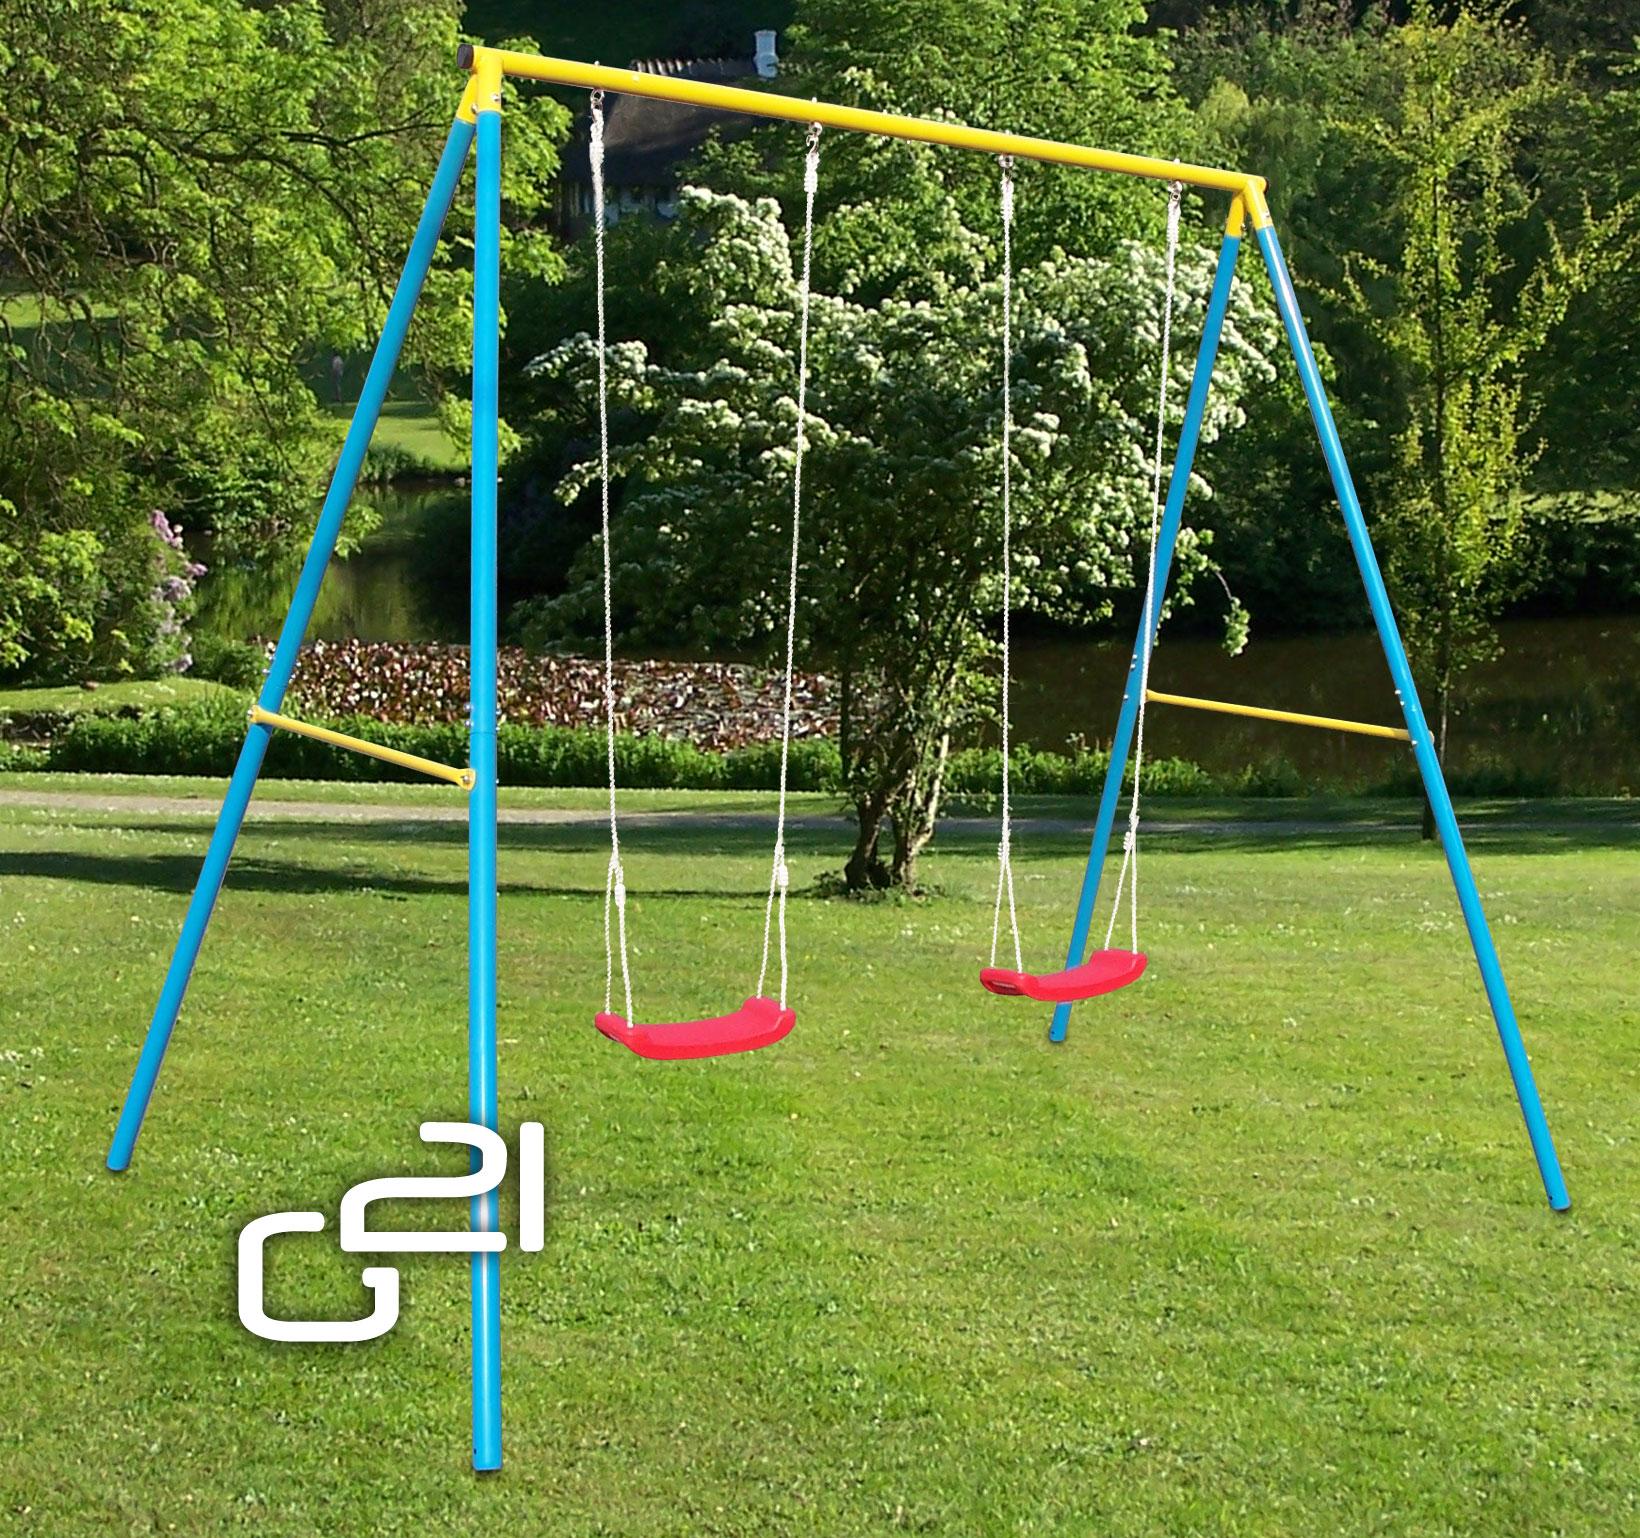 Zahradní houpačka G21 pro 2 děti + doprava zdarma